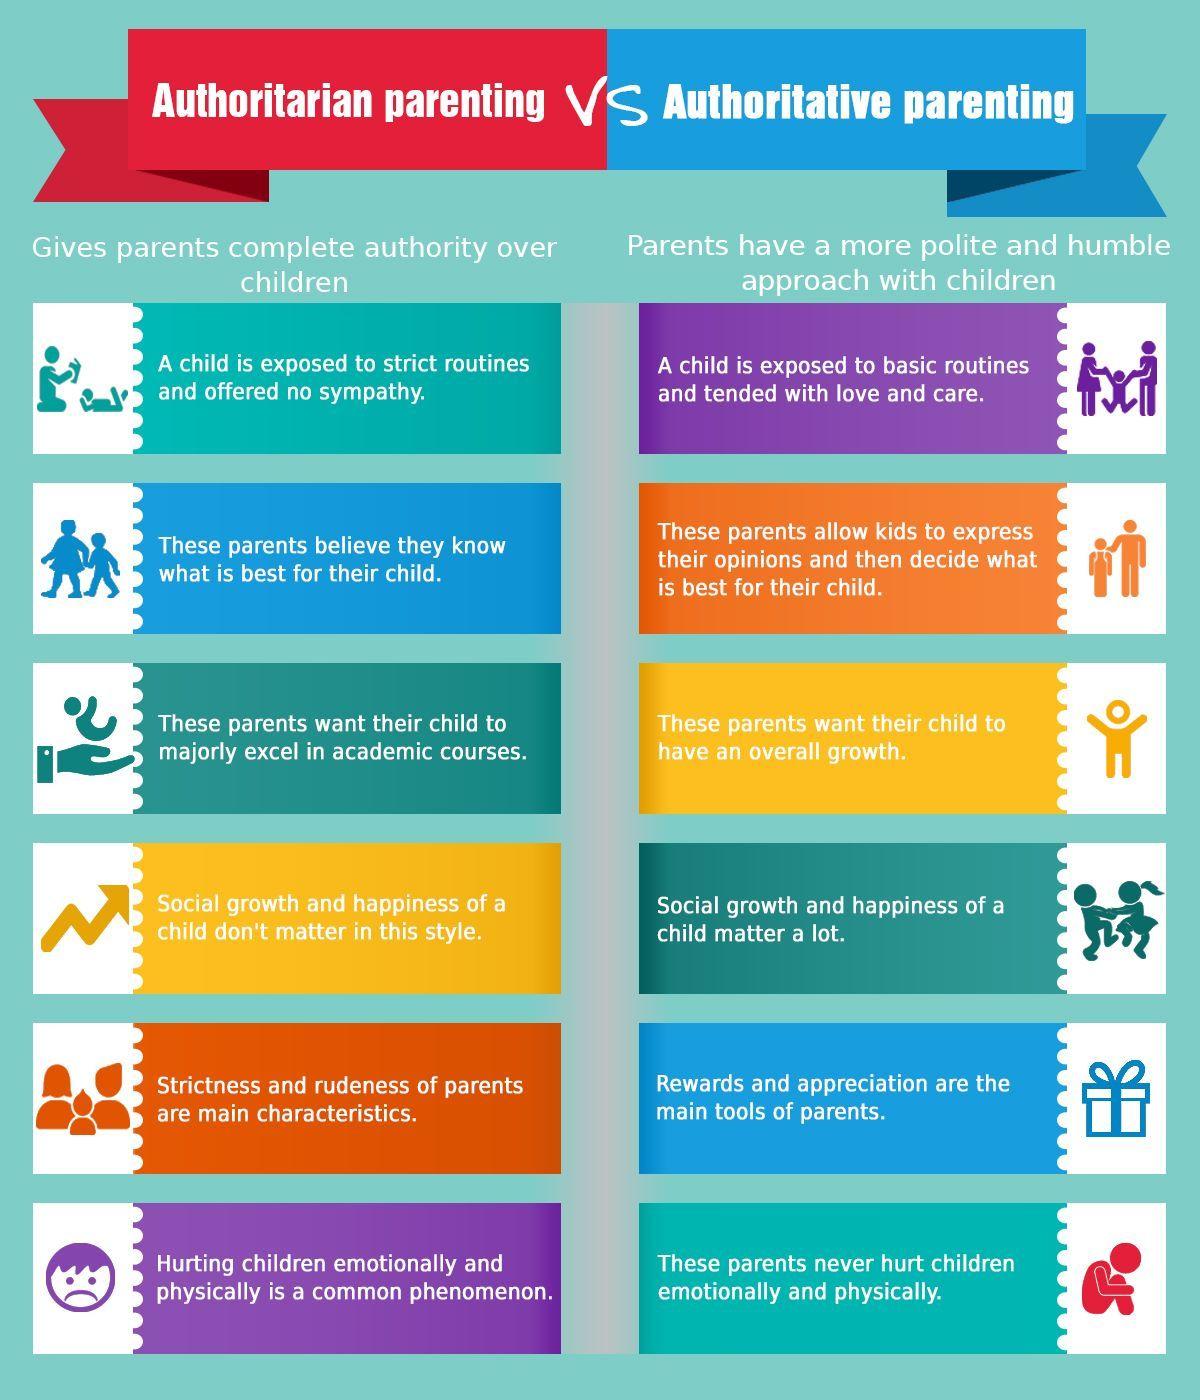 Authoritarian parenting vs. Authoritative parenting